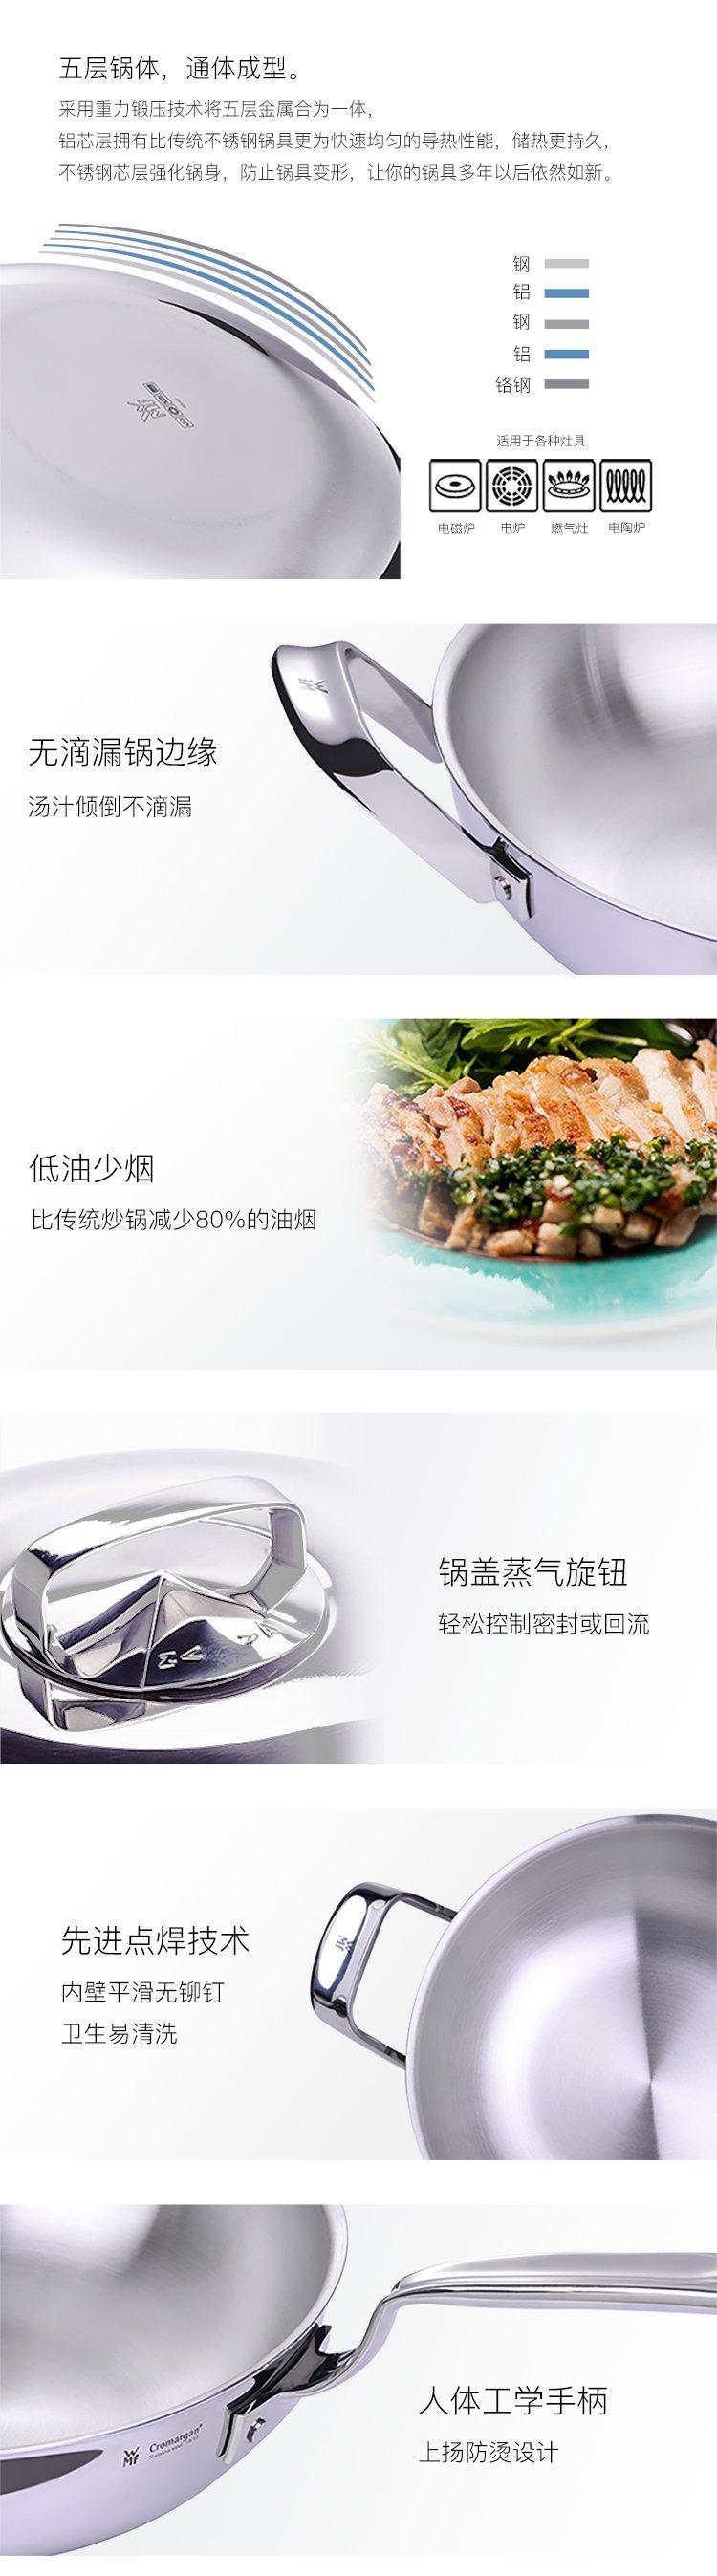 WMF 福腾宝 不锈钢炒锅汤锅奶锅煎锅通用厨具锅具套装